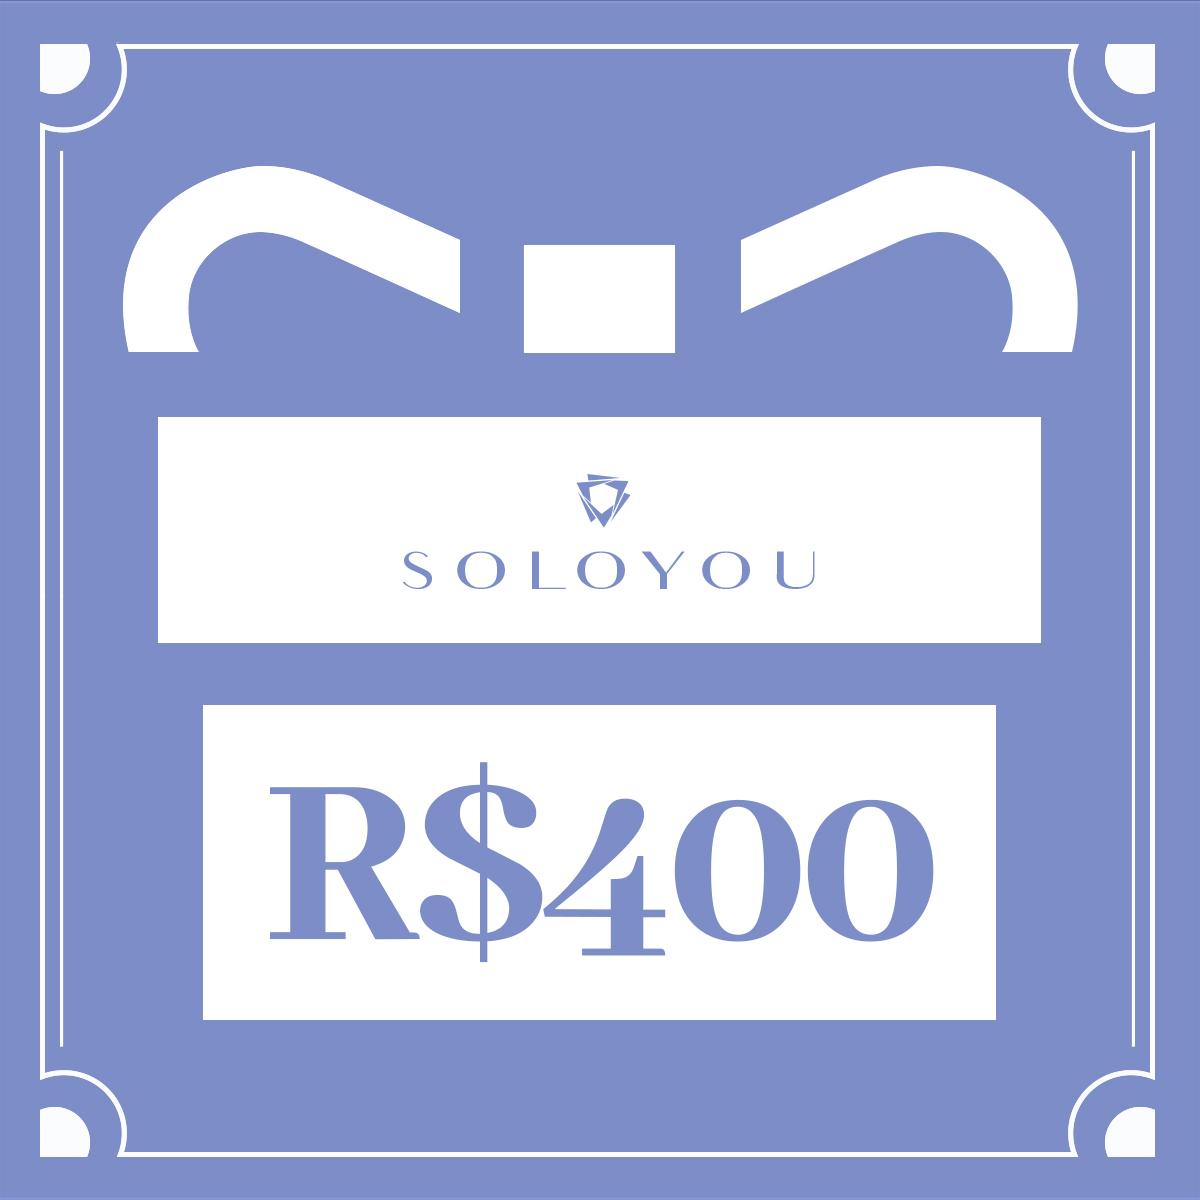 Cartão Presente Surpreenda com Soloyou - R$ 400  - Soloyou